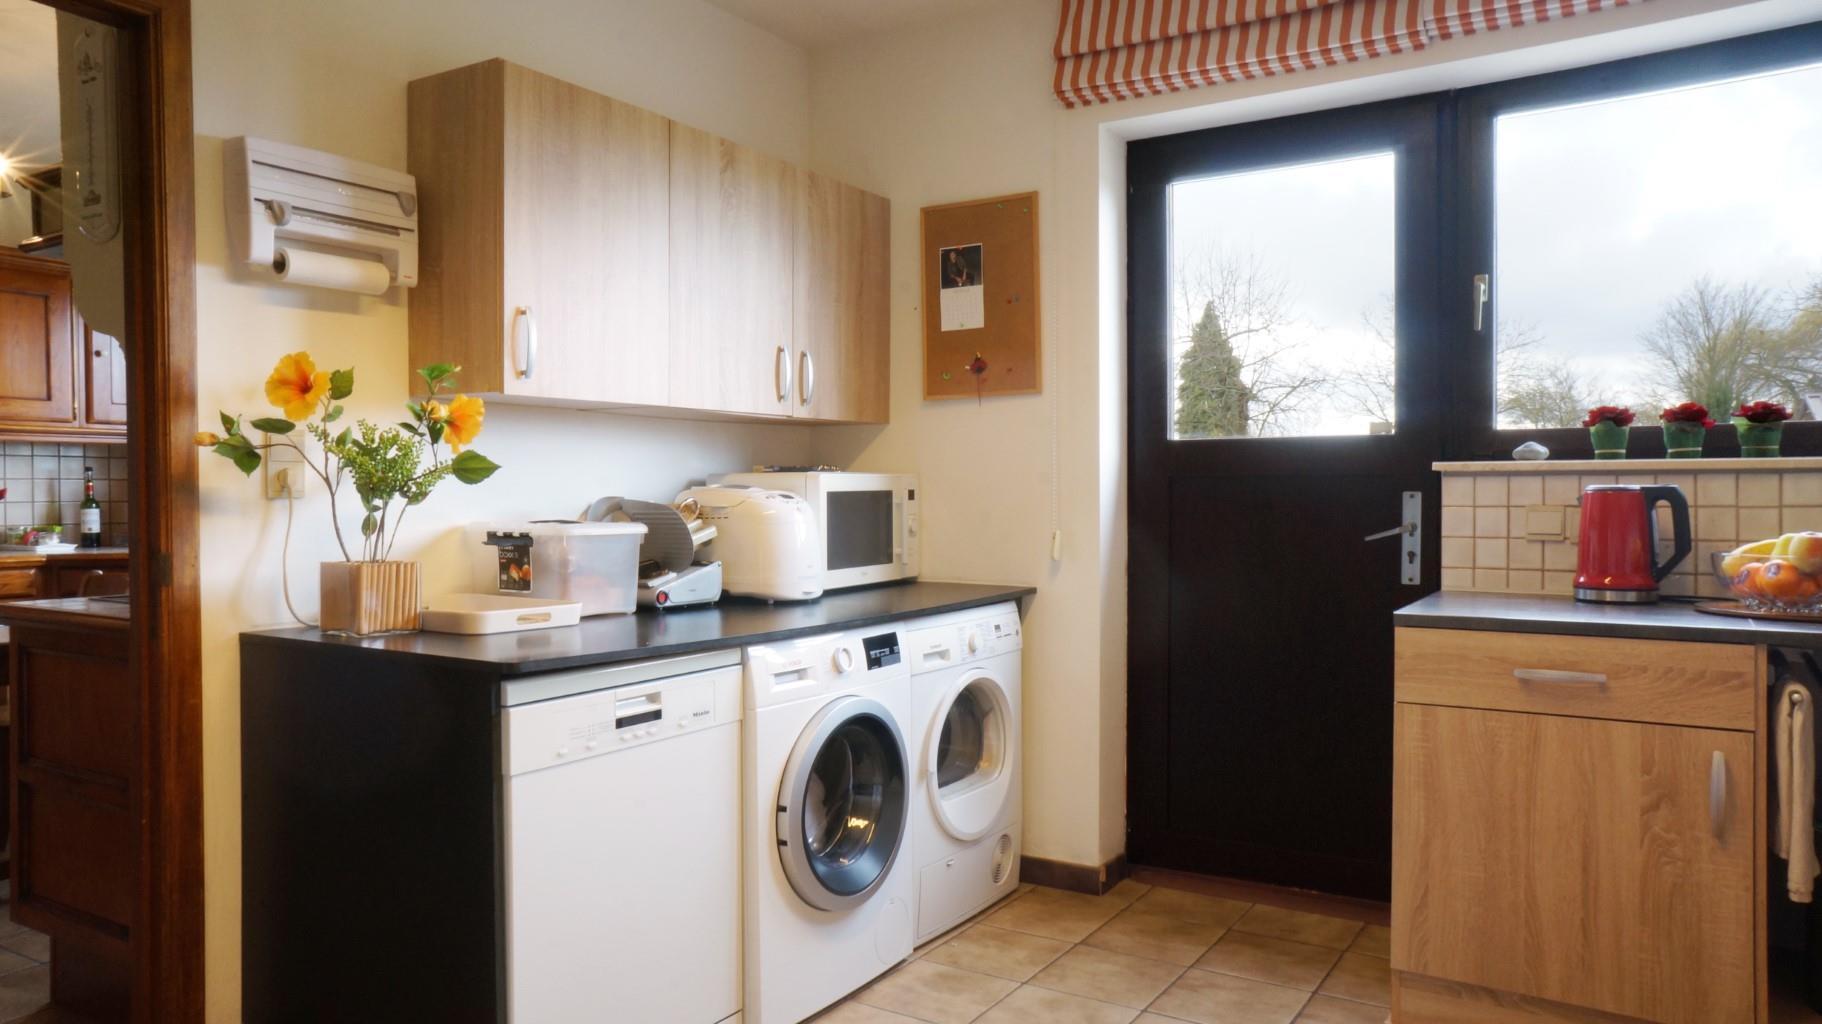 Maison - Perwez Thorembais-Saint-Trond - #4027352-7